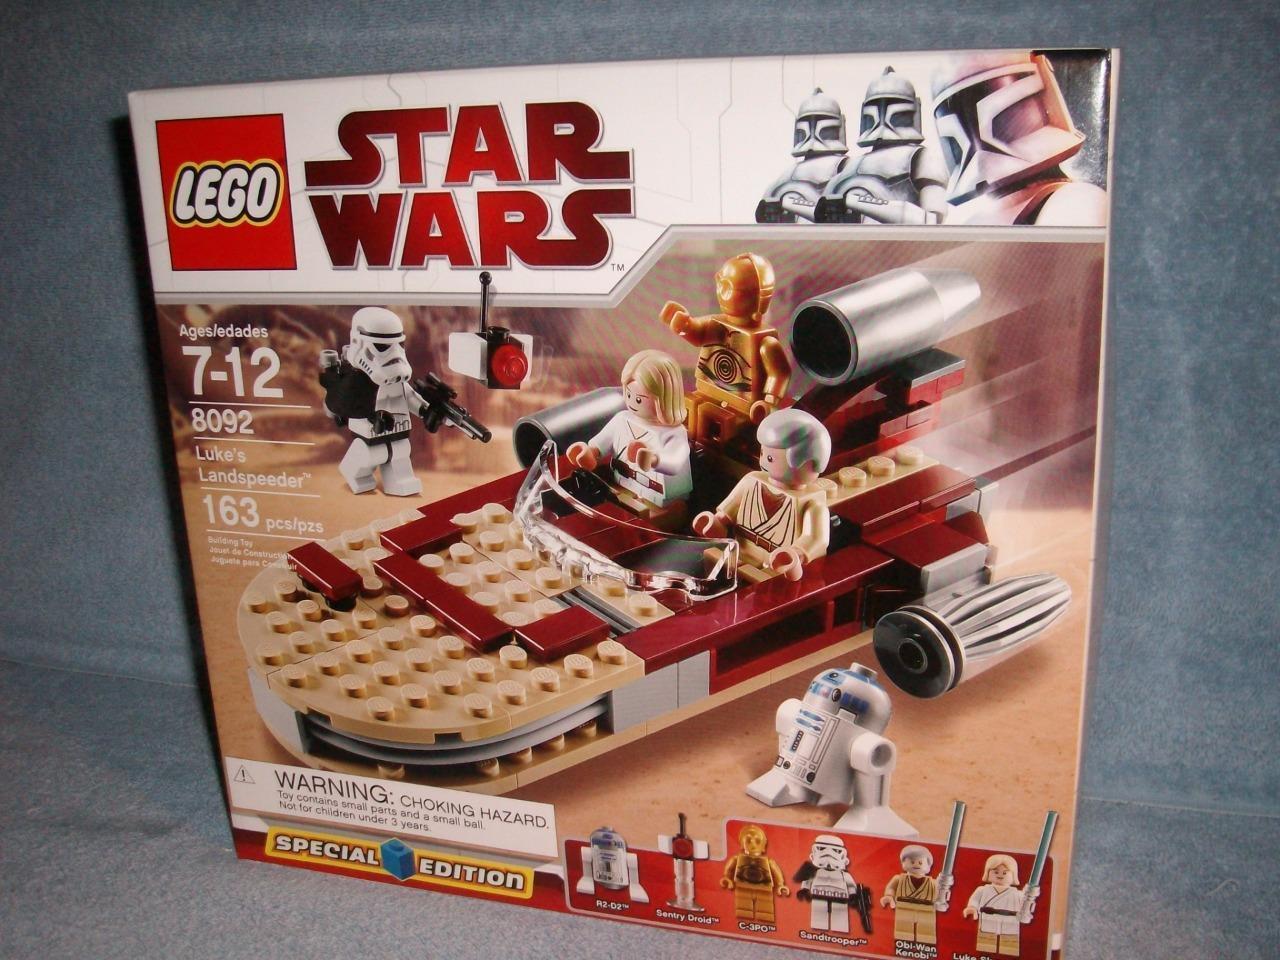 Luke's Landspeeder Special Edition Lego Star Wars 8092 163 pcs 2010 Minifigs New